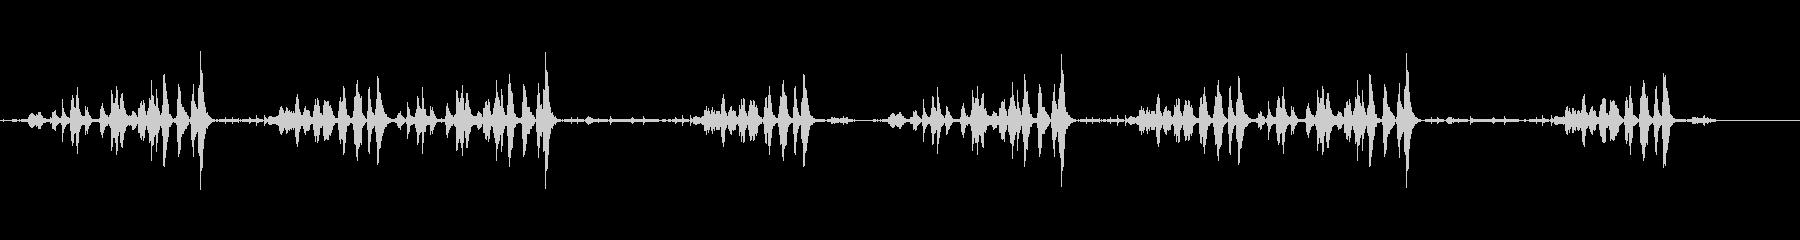 動物園-ジャウラ-メロディックサウンドの未再生の波形